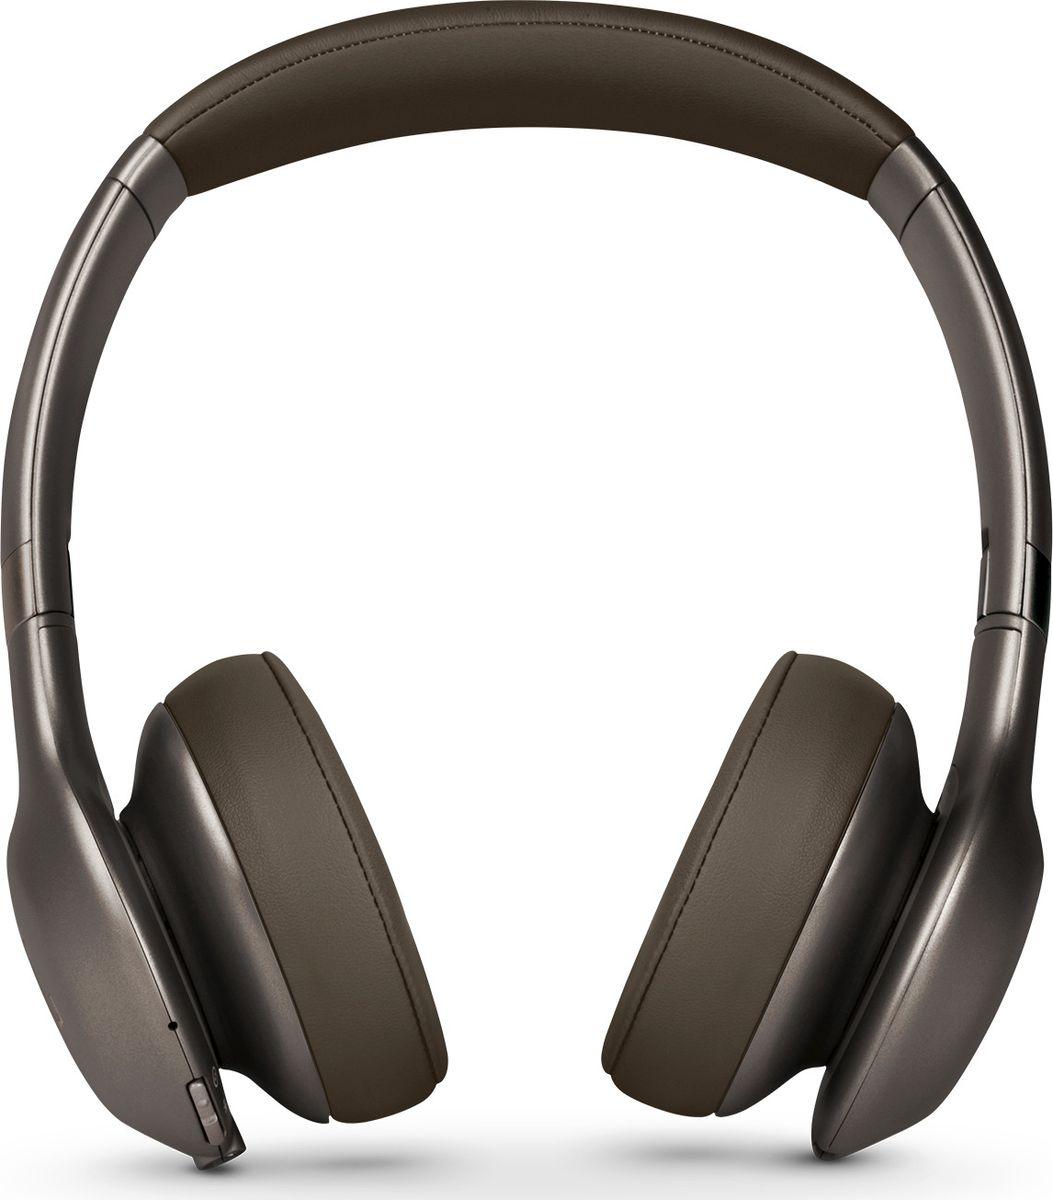 JBL Everest 310, Brown наушникиJBLV310BTBRNНаденьте наушники JBL Everest 310: вас ждет до 20часовпрослушивания безпроводов, потрясающий легендарный звук JBL Pro, эргономичный комфорт благодаря отделке из премиум-материалов и удобному прилеганию амбушюр. Технология ShareMe2.0 позволяет делиться музыкой с друзьями через Bluetooth. Благодаря быстрой зарядке за 2 часа, элегантному складному дизайну и компактному жесткому чехлу, эти наушники станут вашим идеальным попутчиком в частых поездках. Встроенный микрофон обеспечивает кристально чистый звук во время звонков в режиме «hands-free», а удобные кнопки на чашке наушника позволяют выбирать нужную музыку.